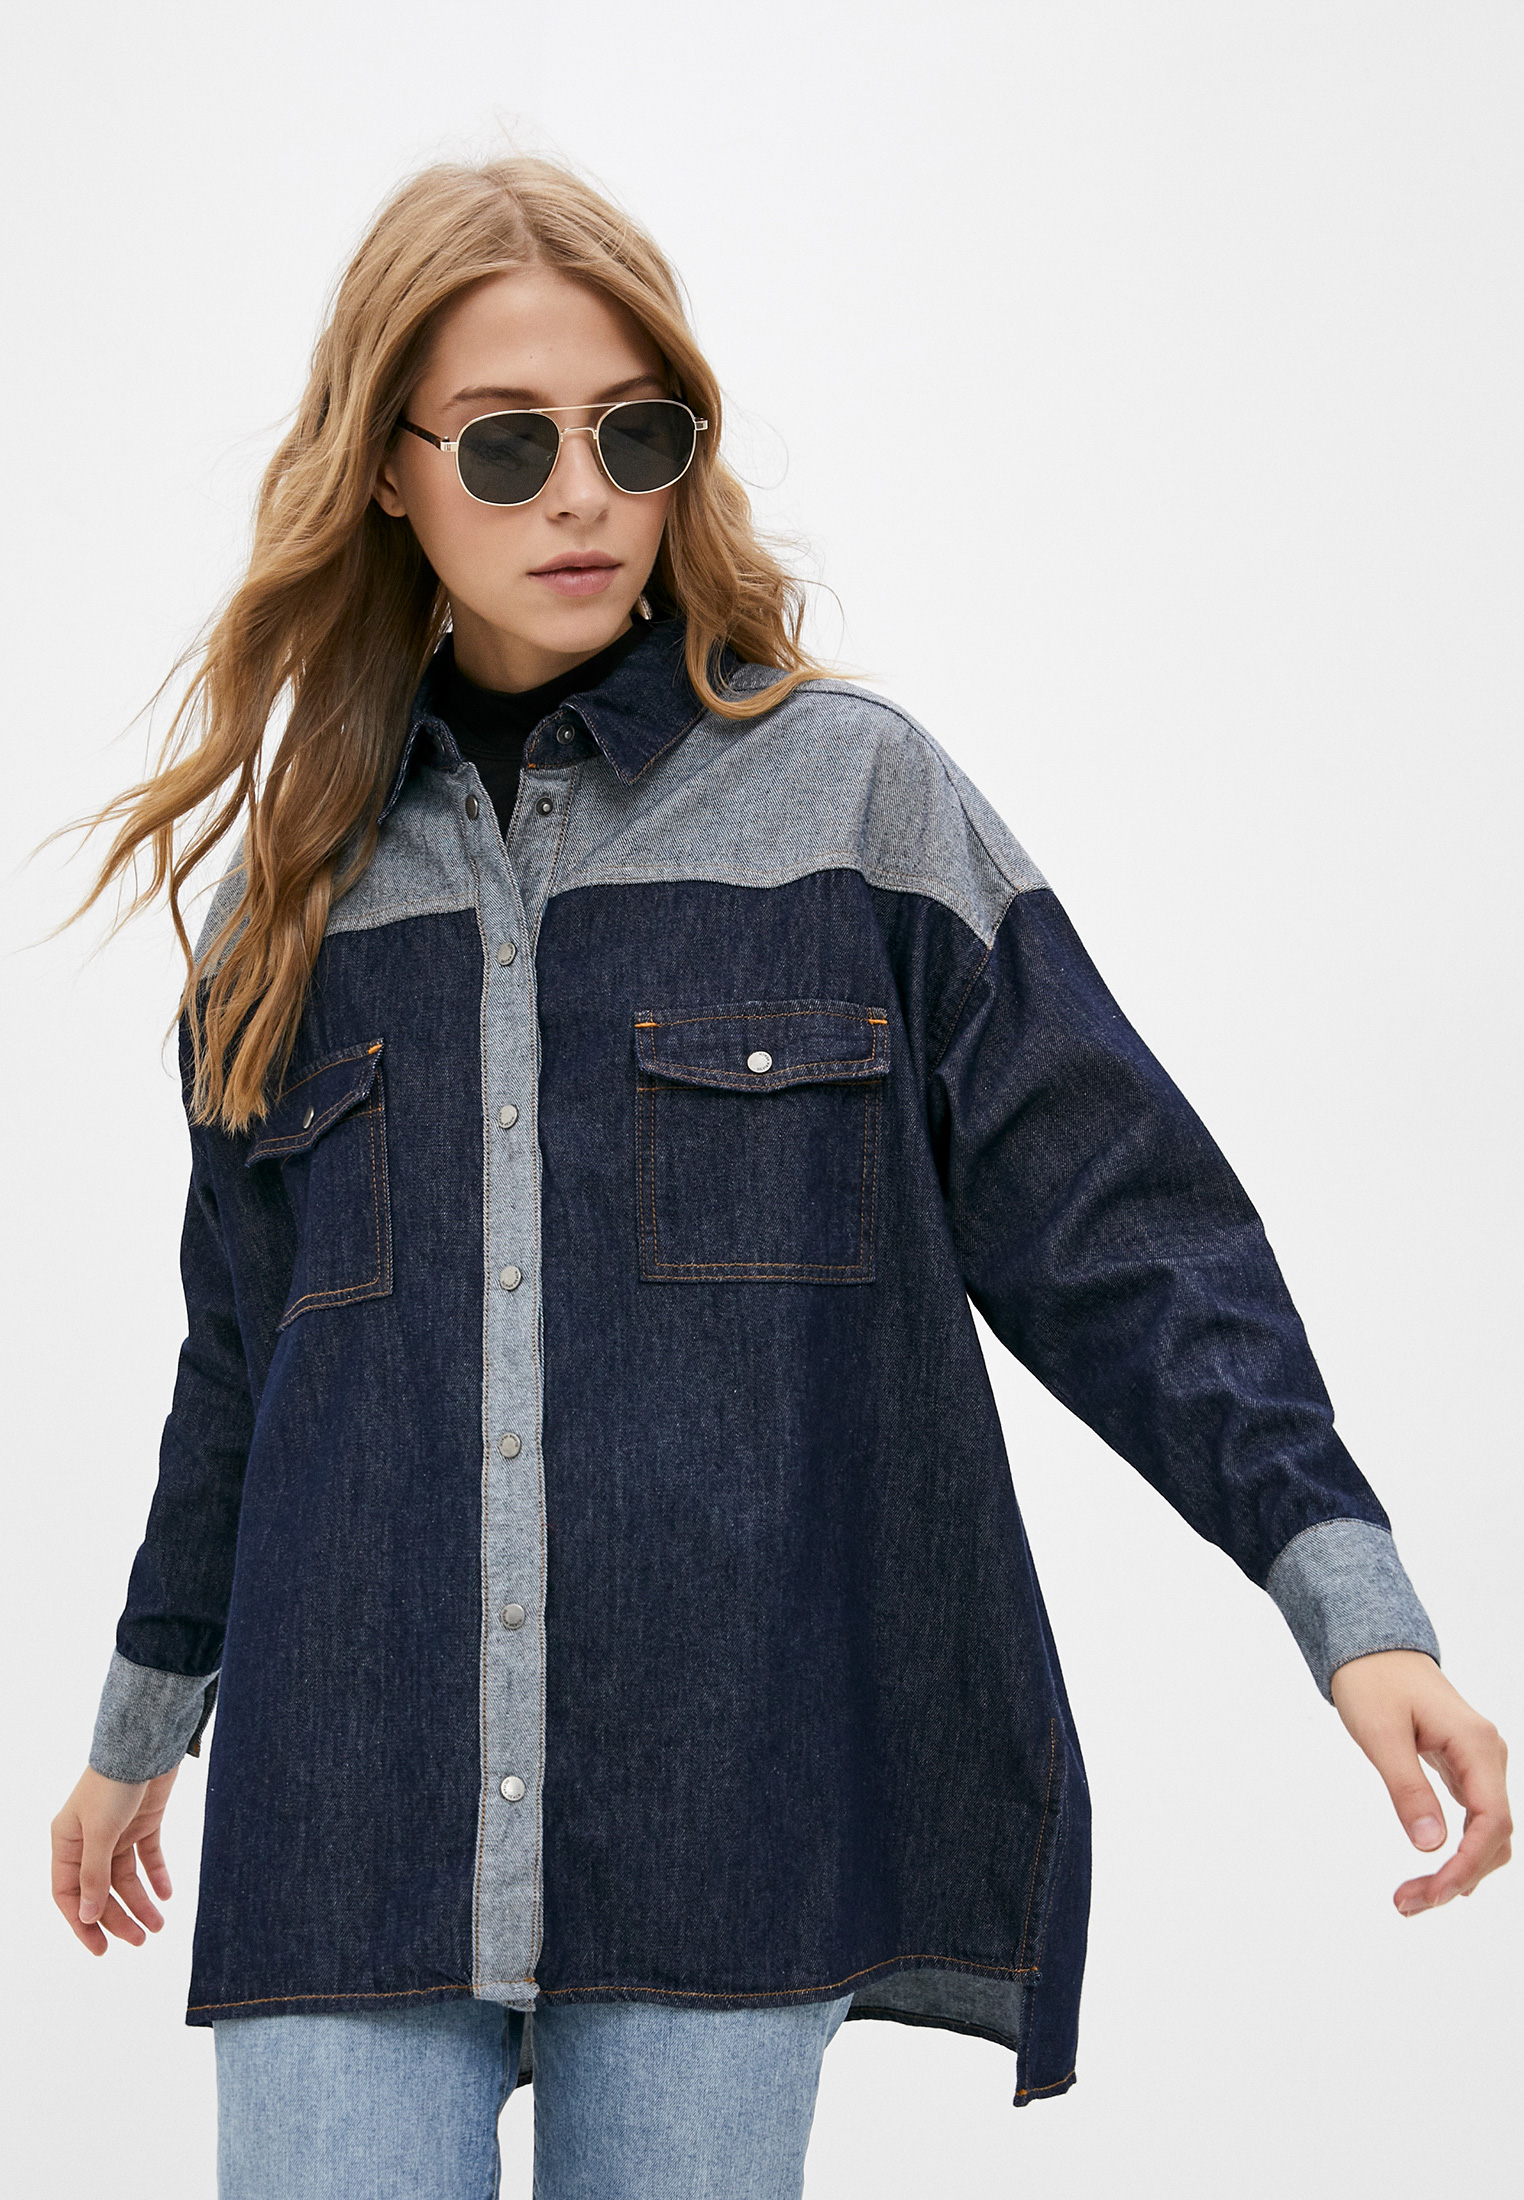 Женские джинсовые рубашки Silvian Heach Рубашка джинсовая Silvian Heach